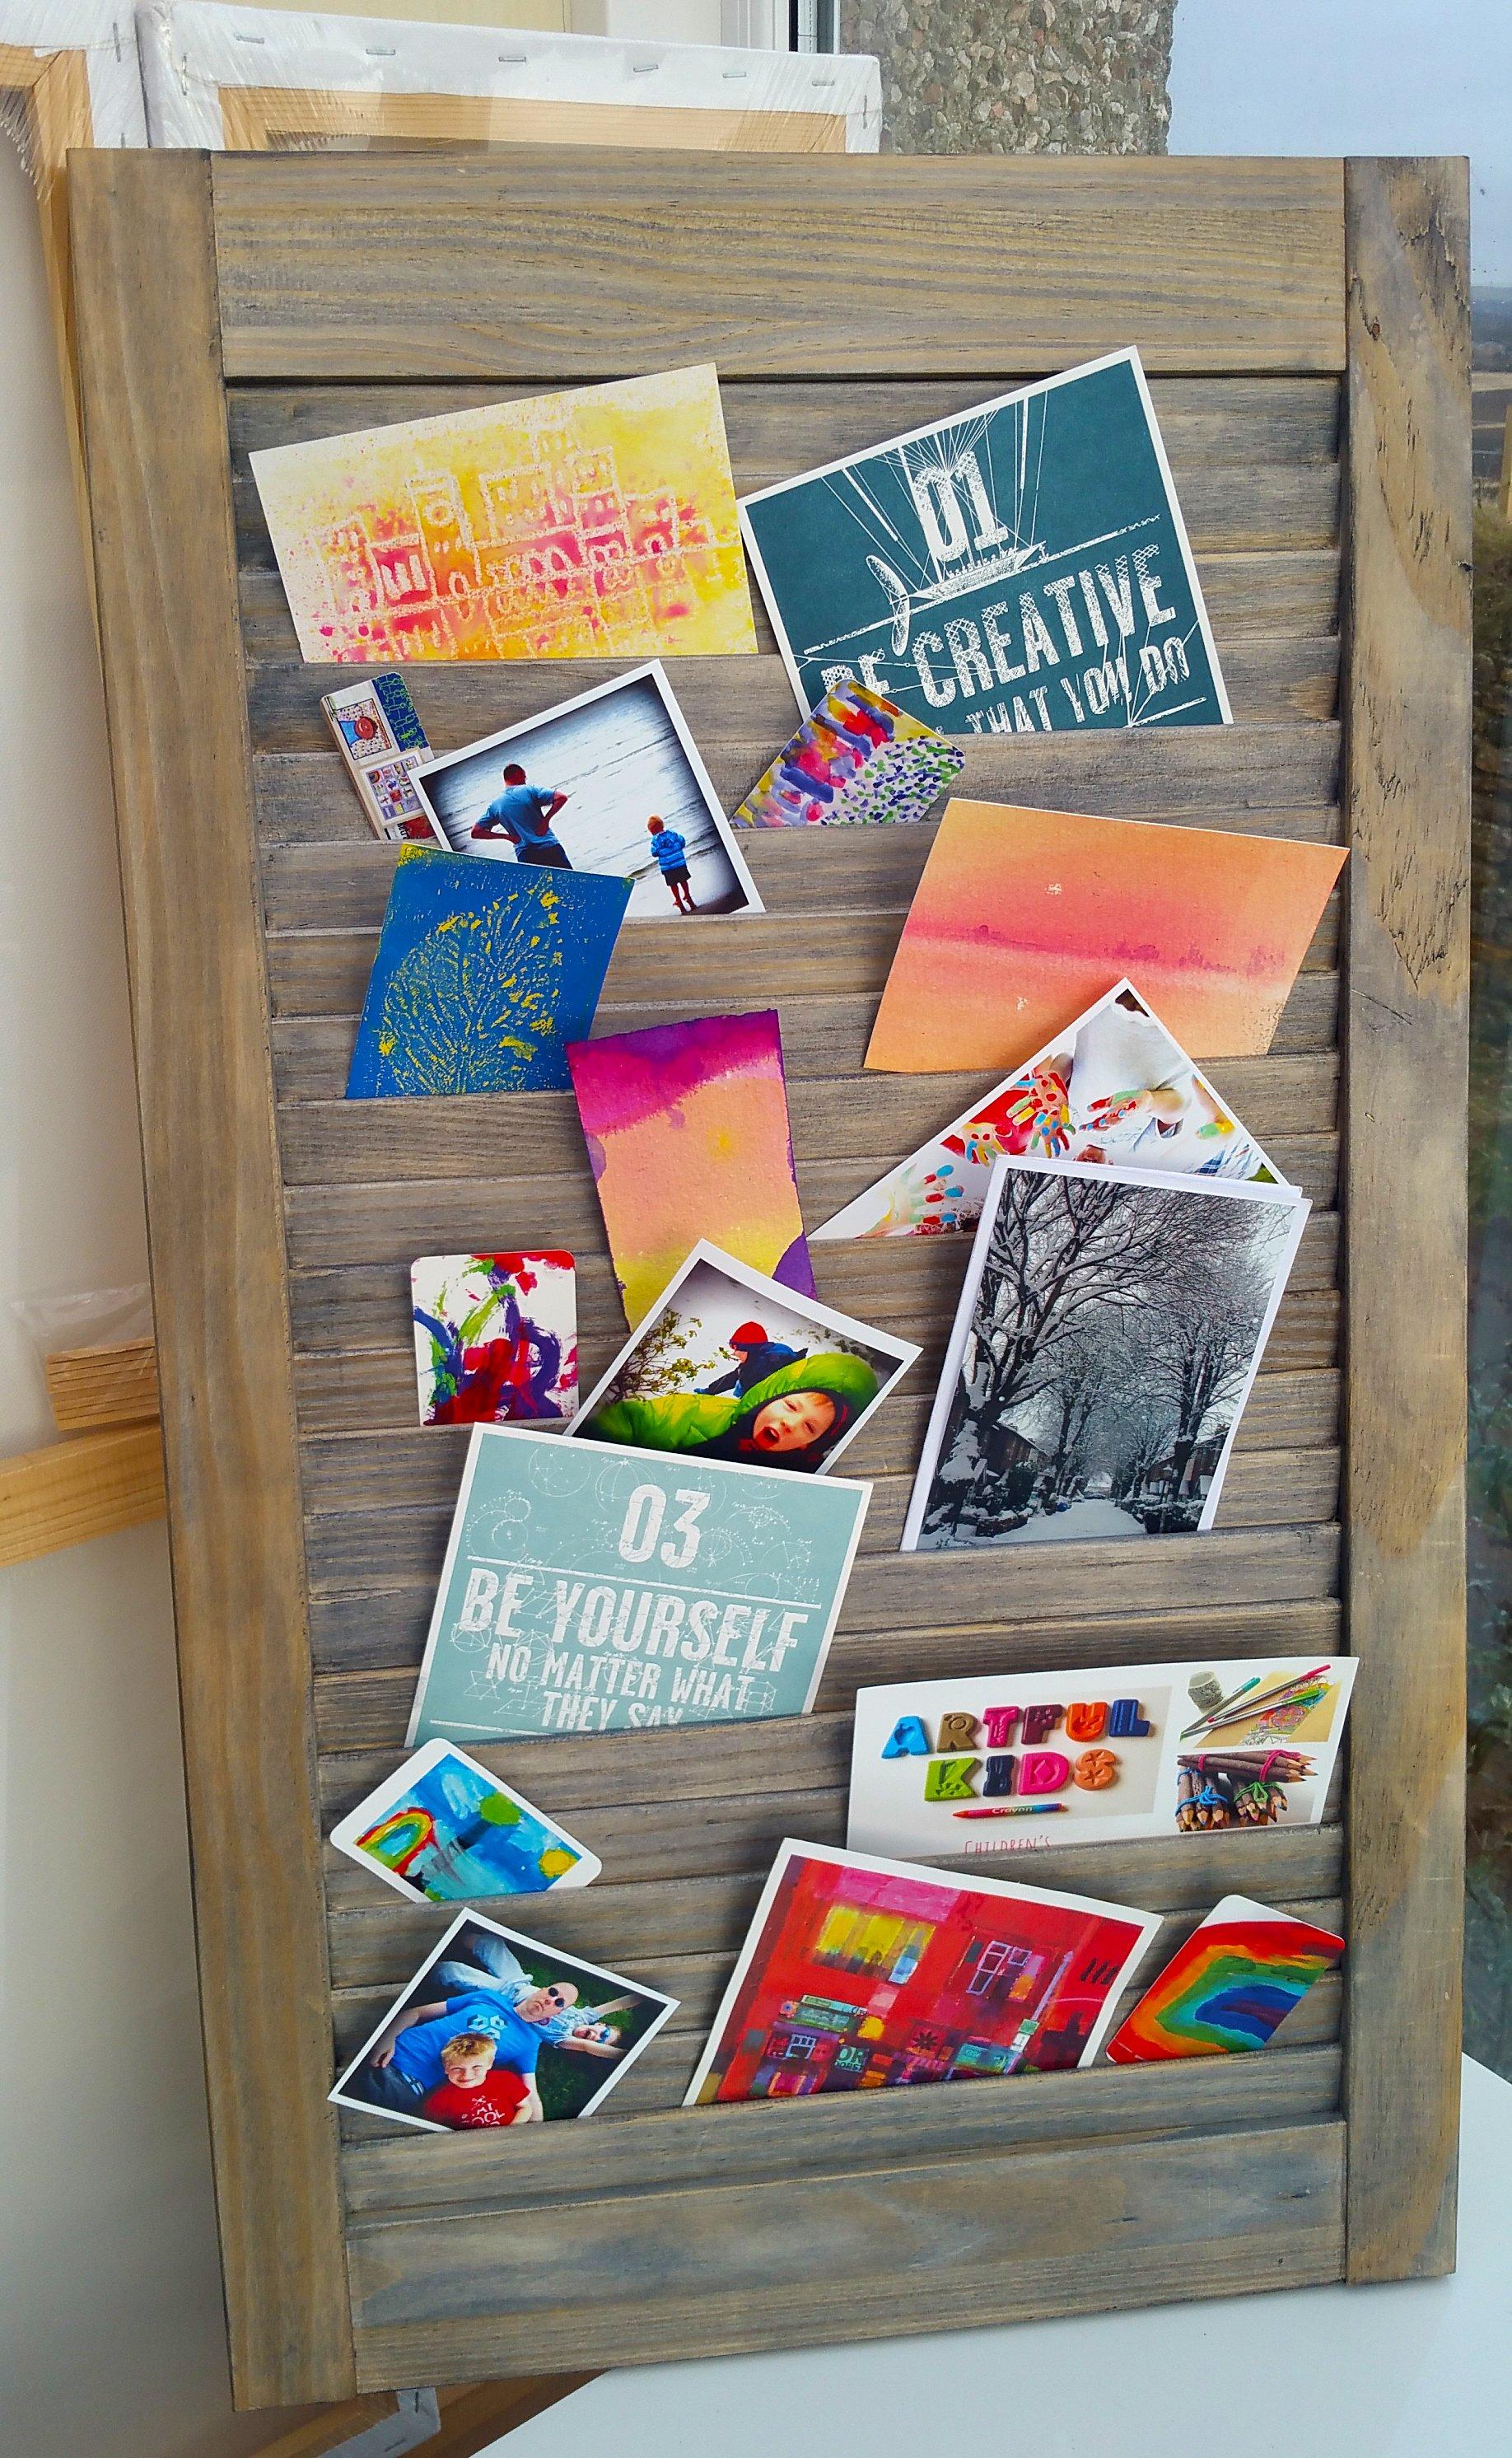 creative inspiration board